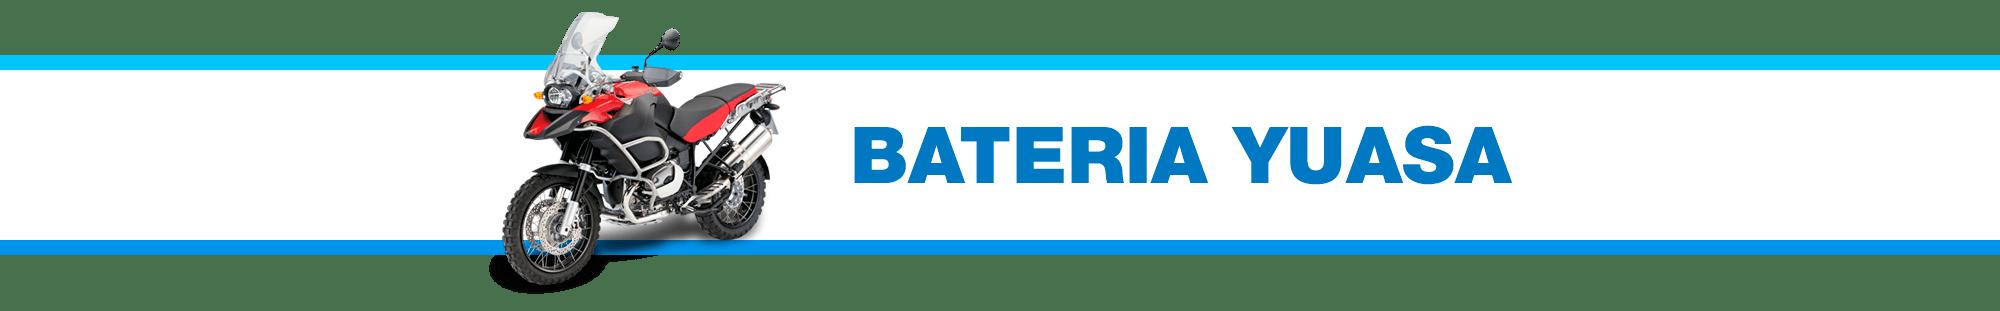 sv-baterias-bateria-yuasa-moto